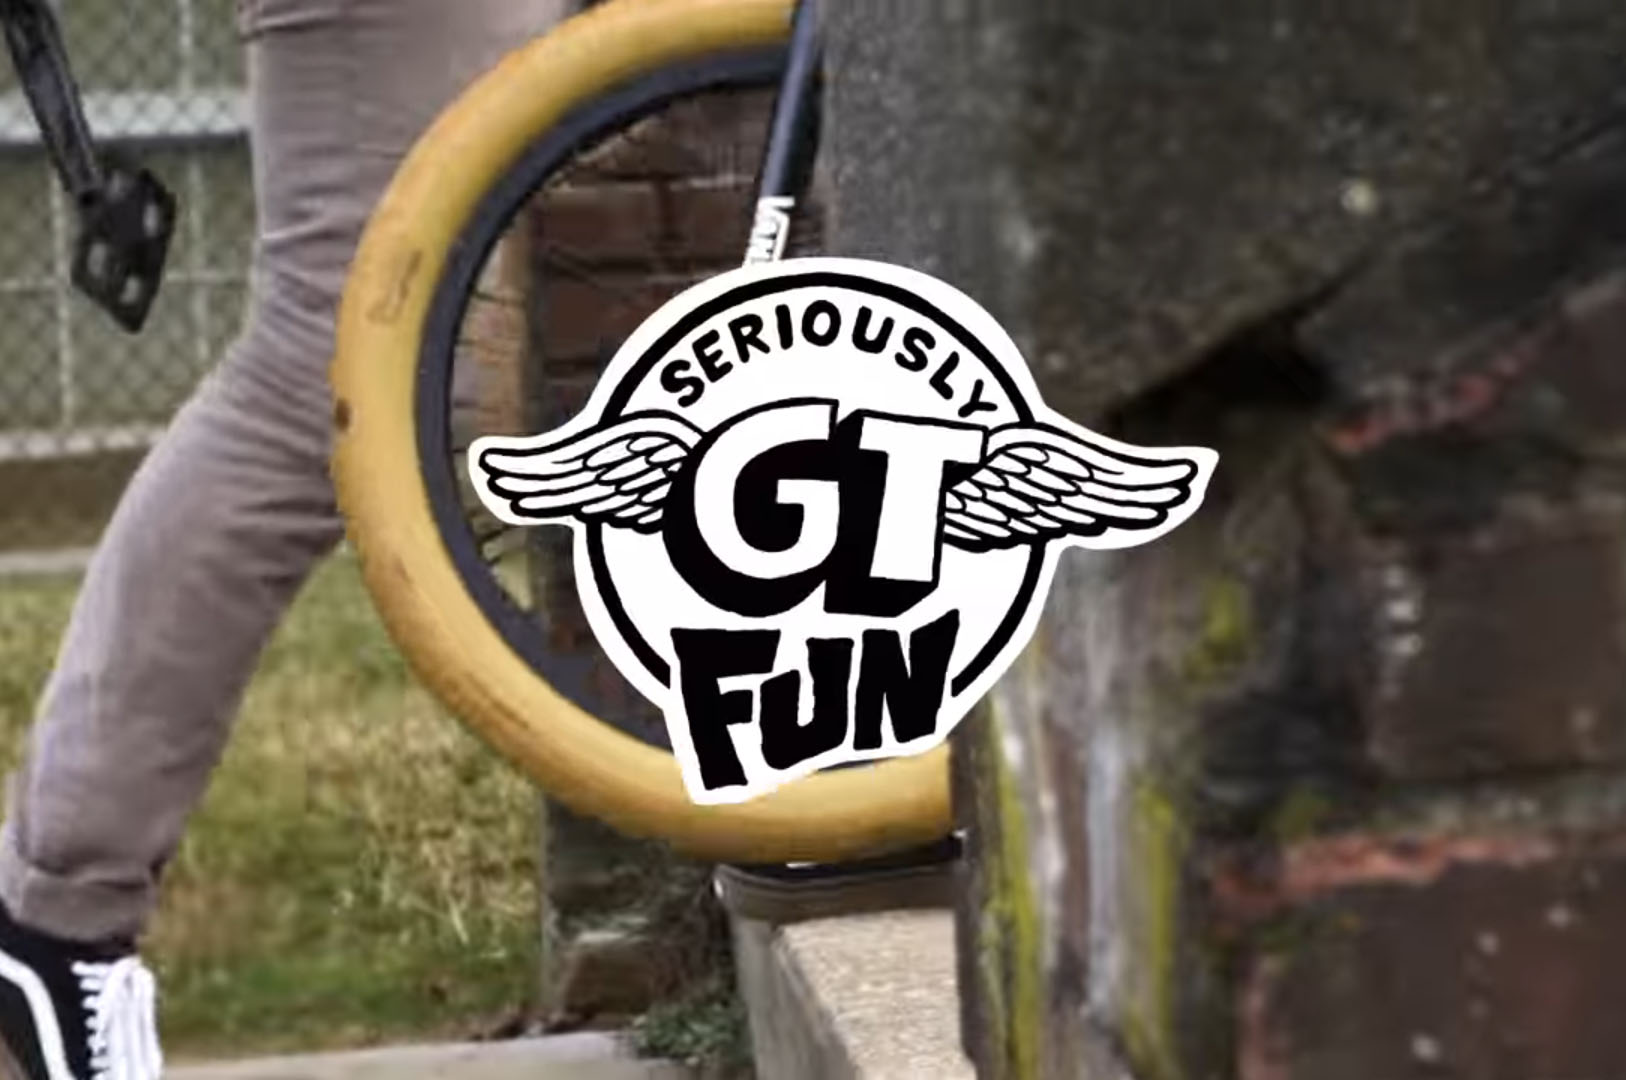 GT lancia il suo primo film, Seriously Fun